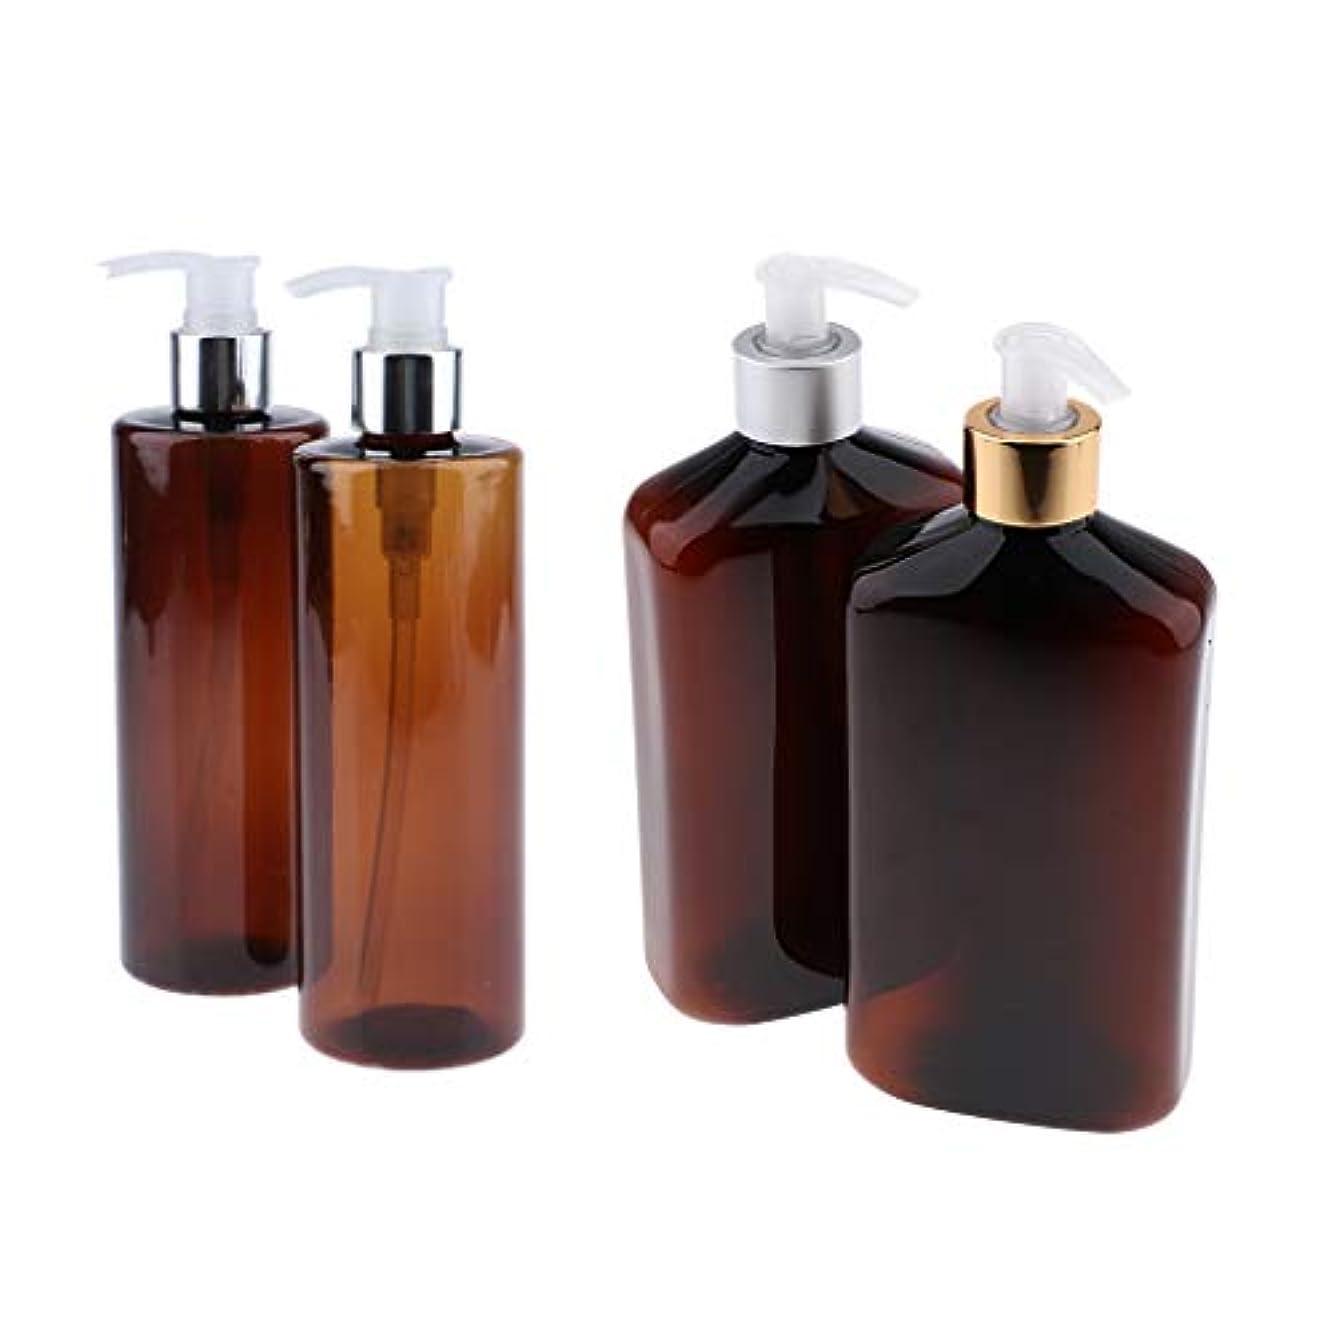 スポンジ香水シルエットPerfeclan ポンプボトル 大容量 ロック可能 プラスチック+アルマイトアルミ シャンプーアトマイザー 4本セット